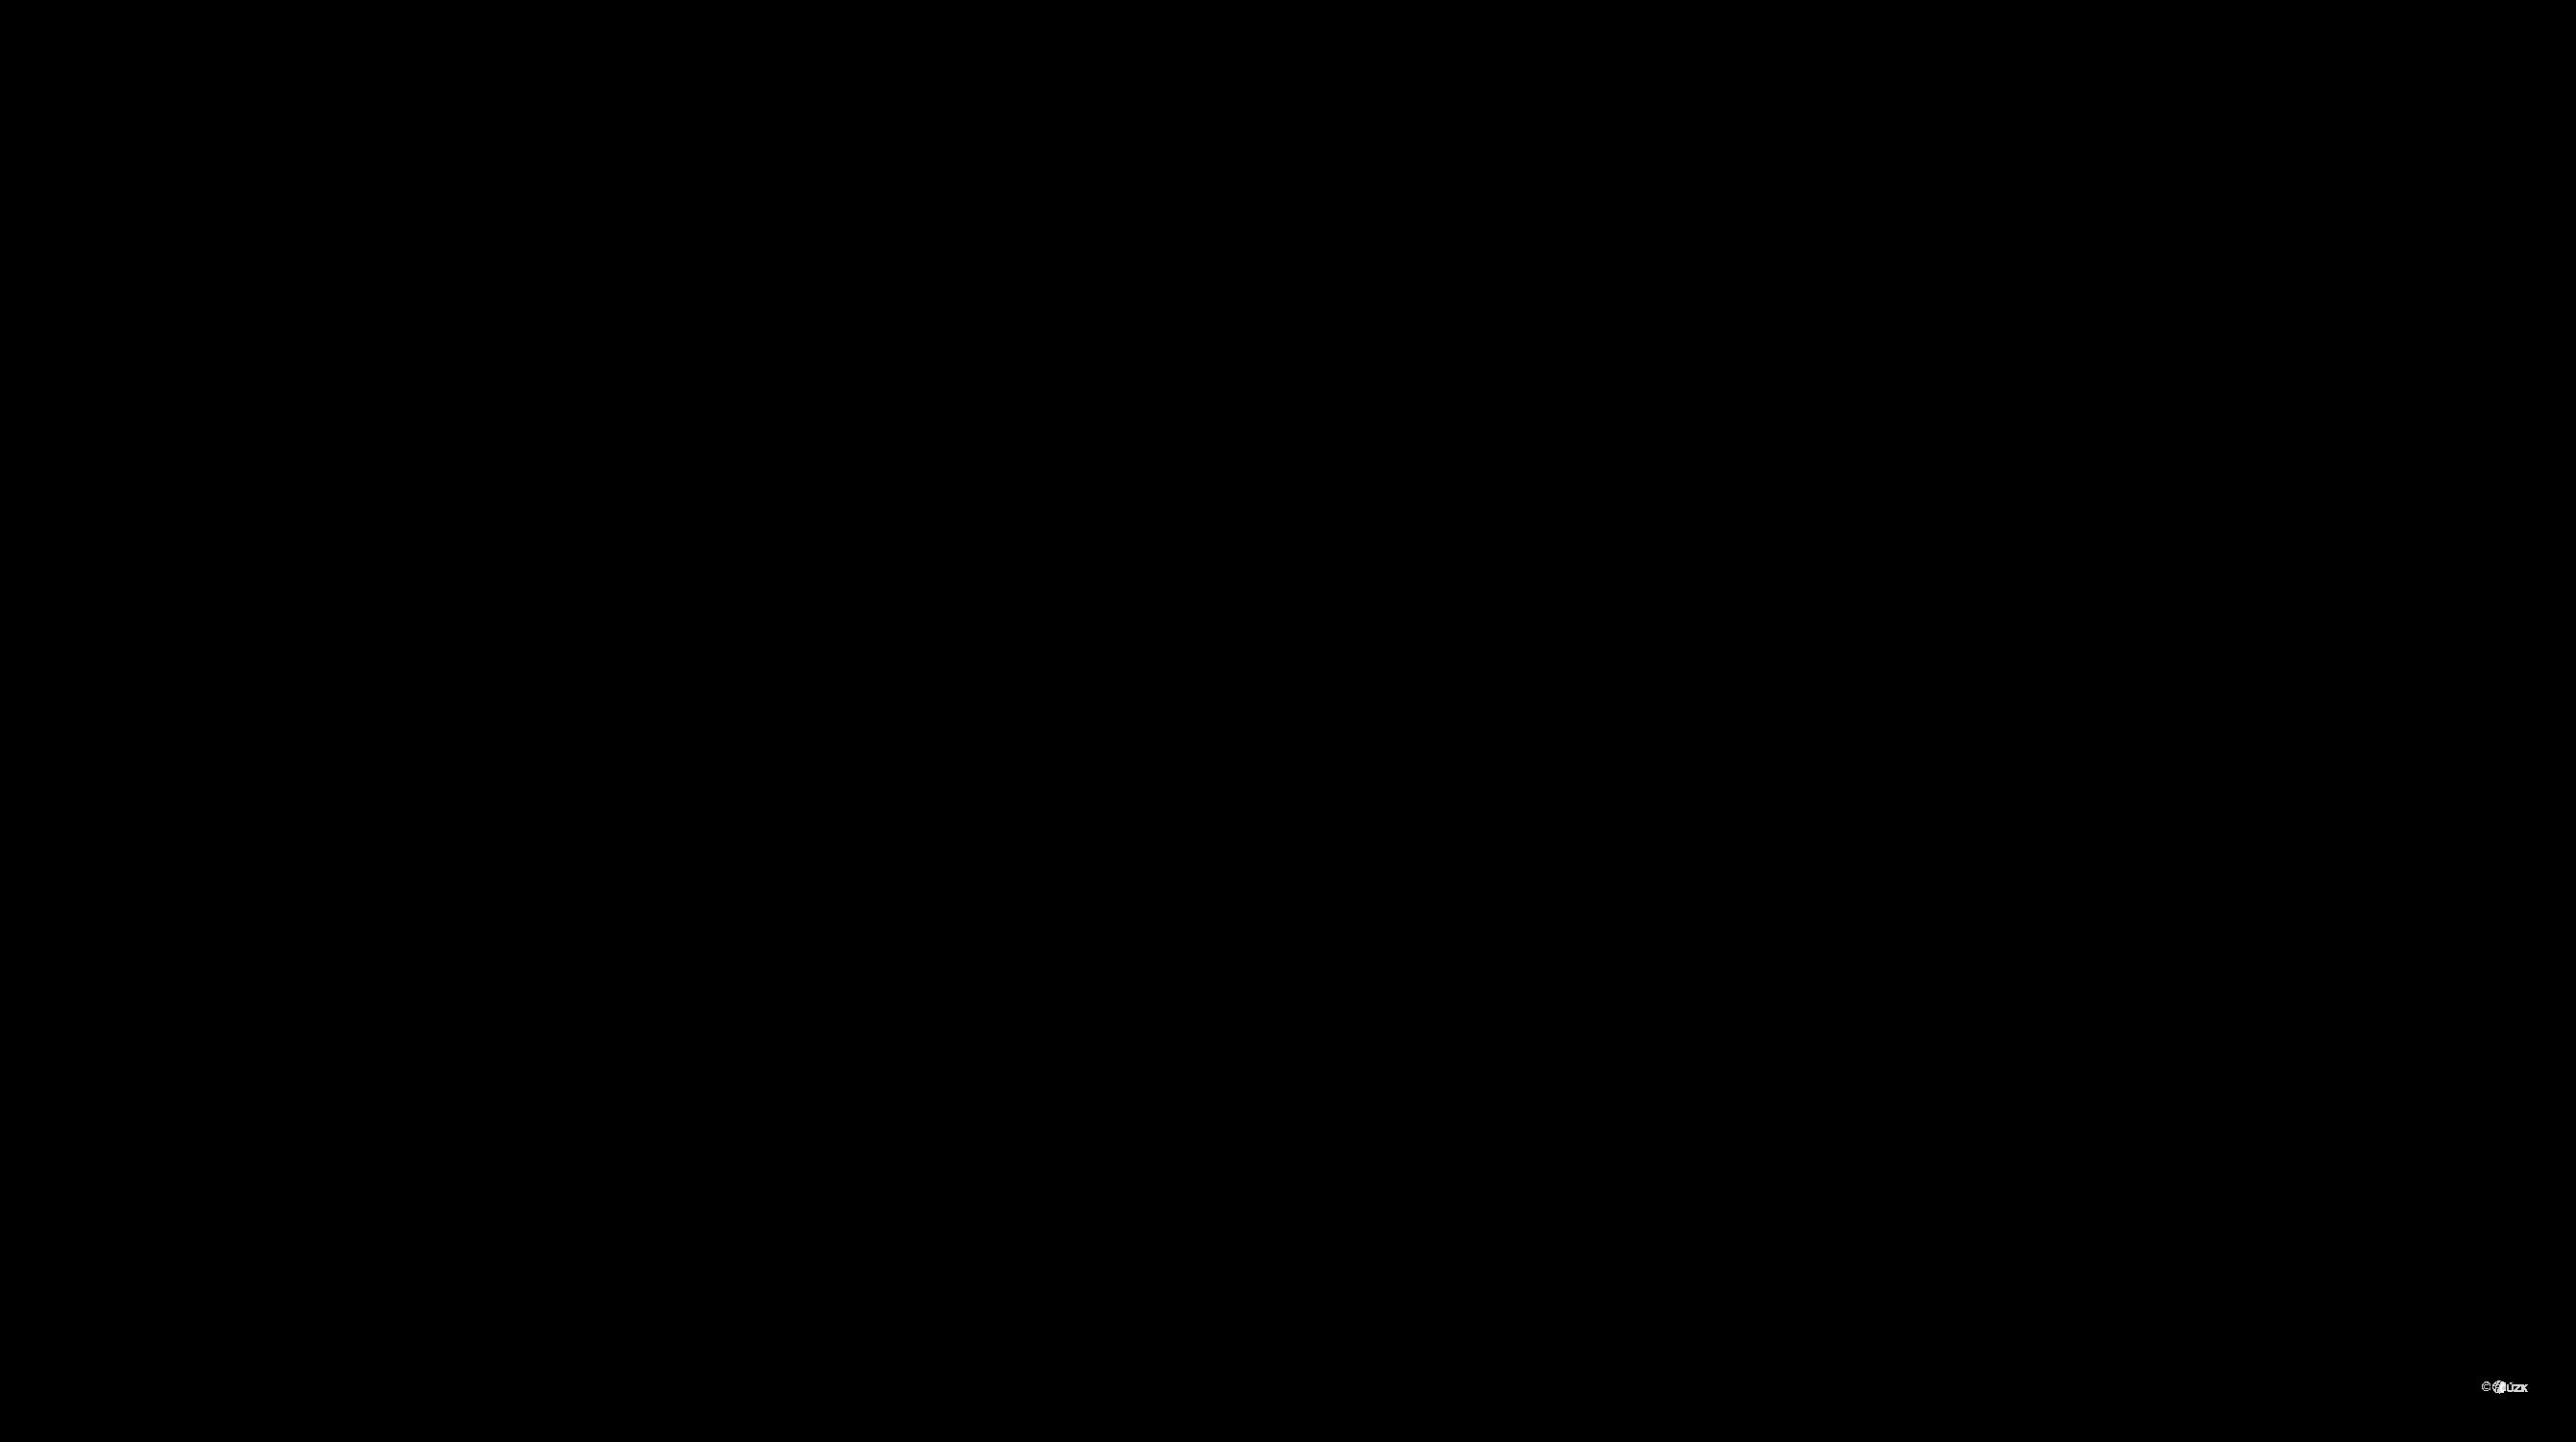 Katastrální mapa pozemků a čísla parcel Hrabůvka